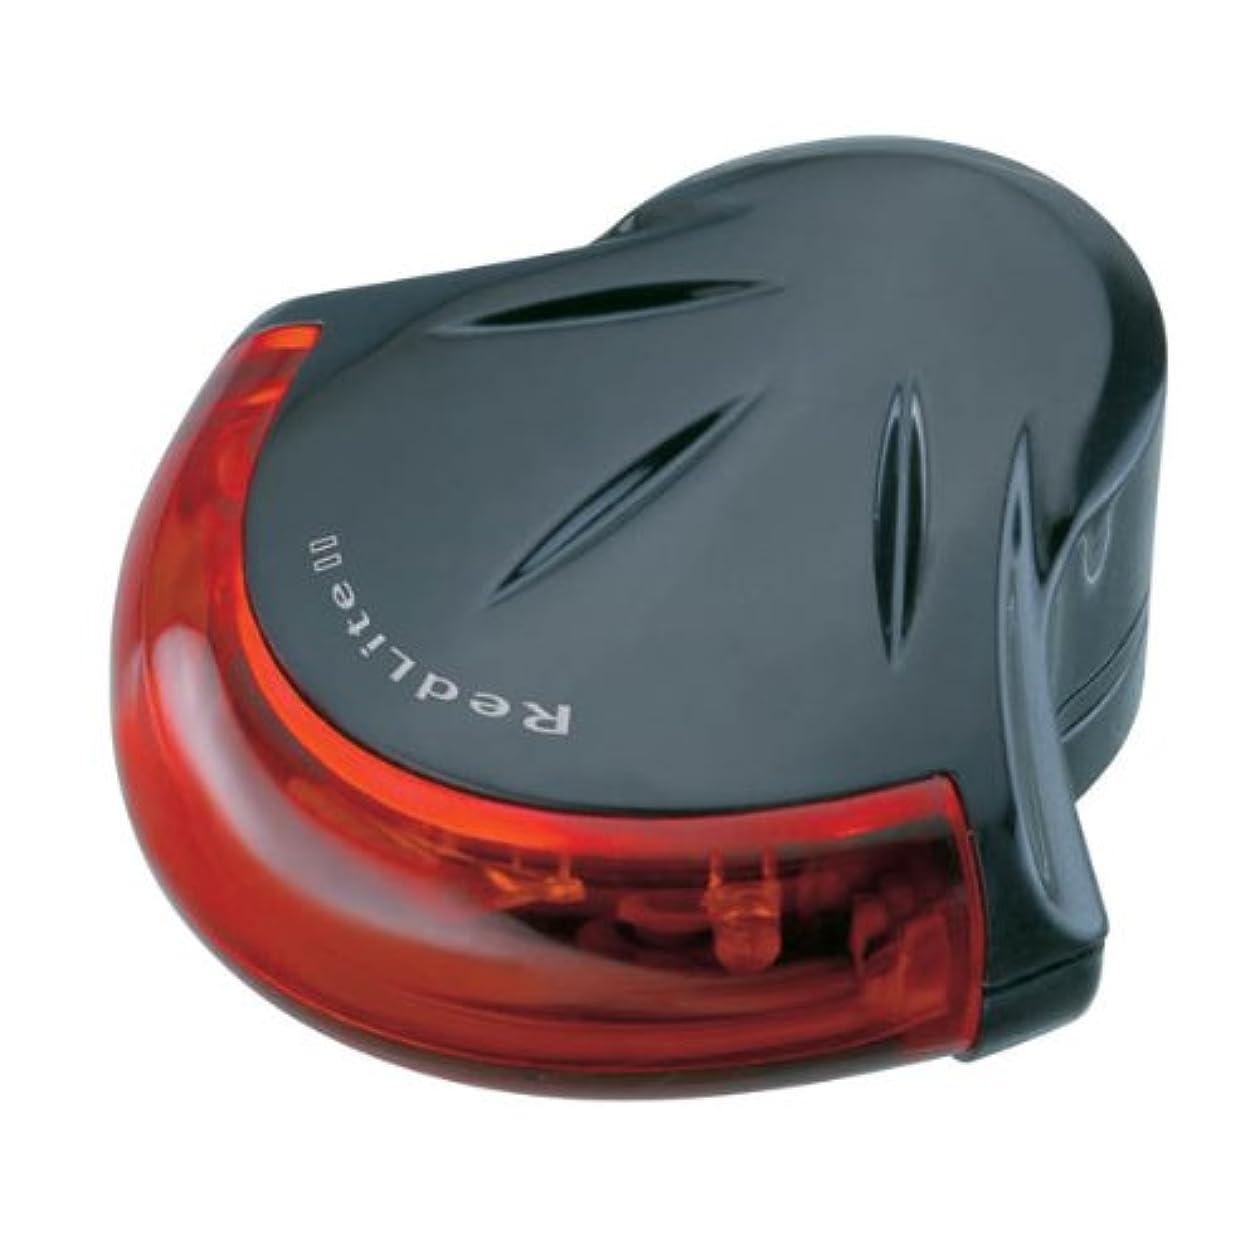 費用カートアナニバーTOPEAK(トピーク) RedLite II ブラック